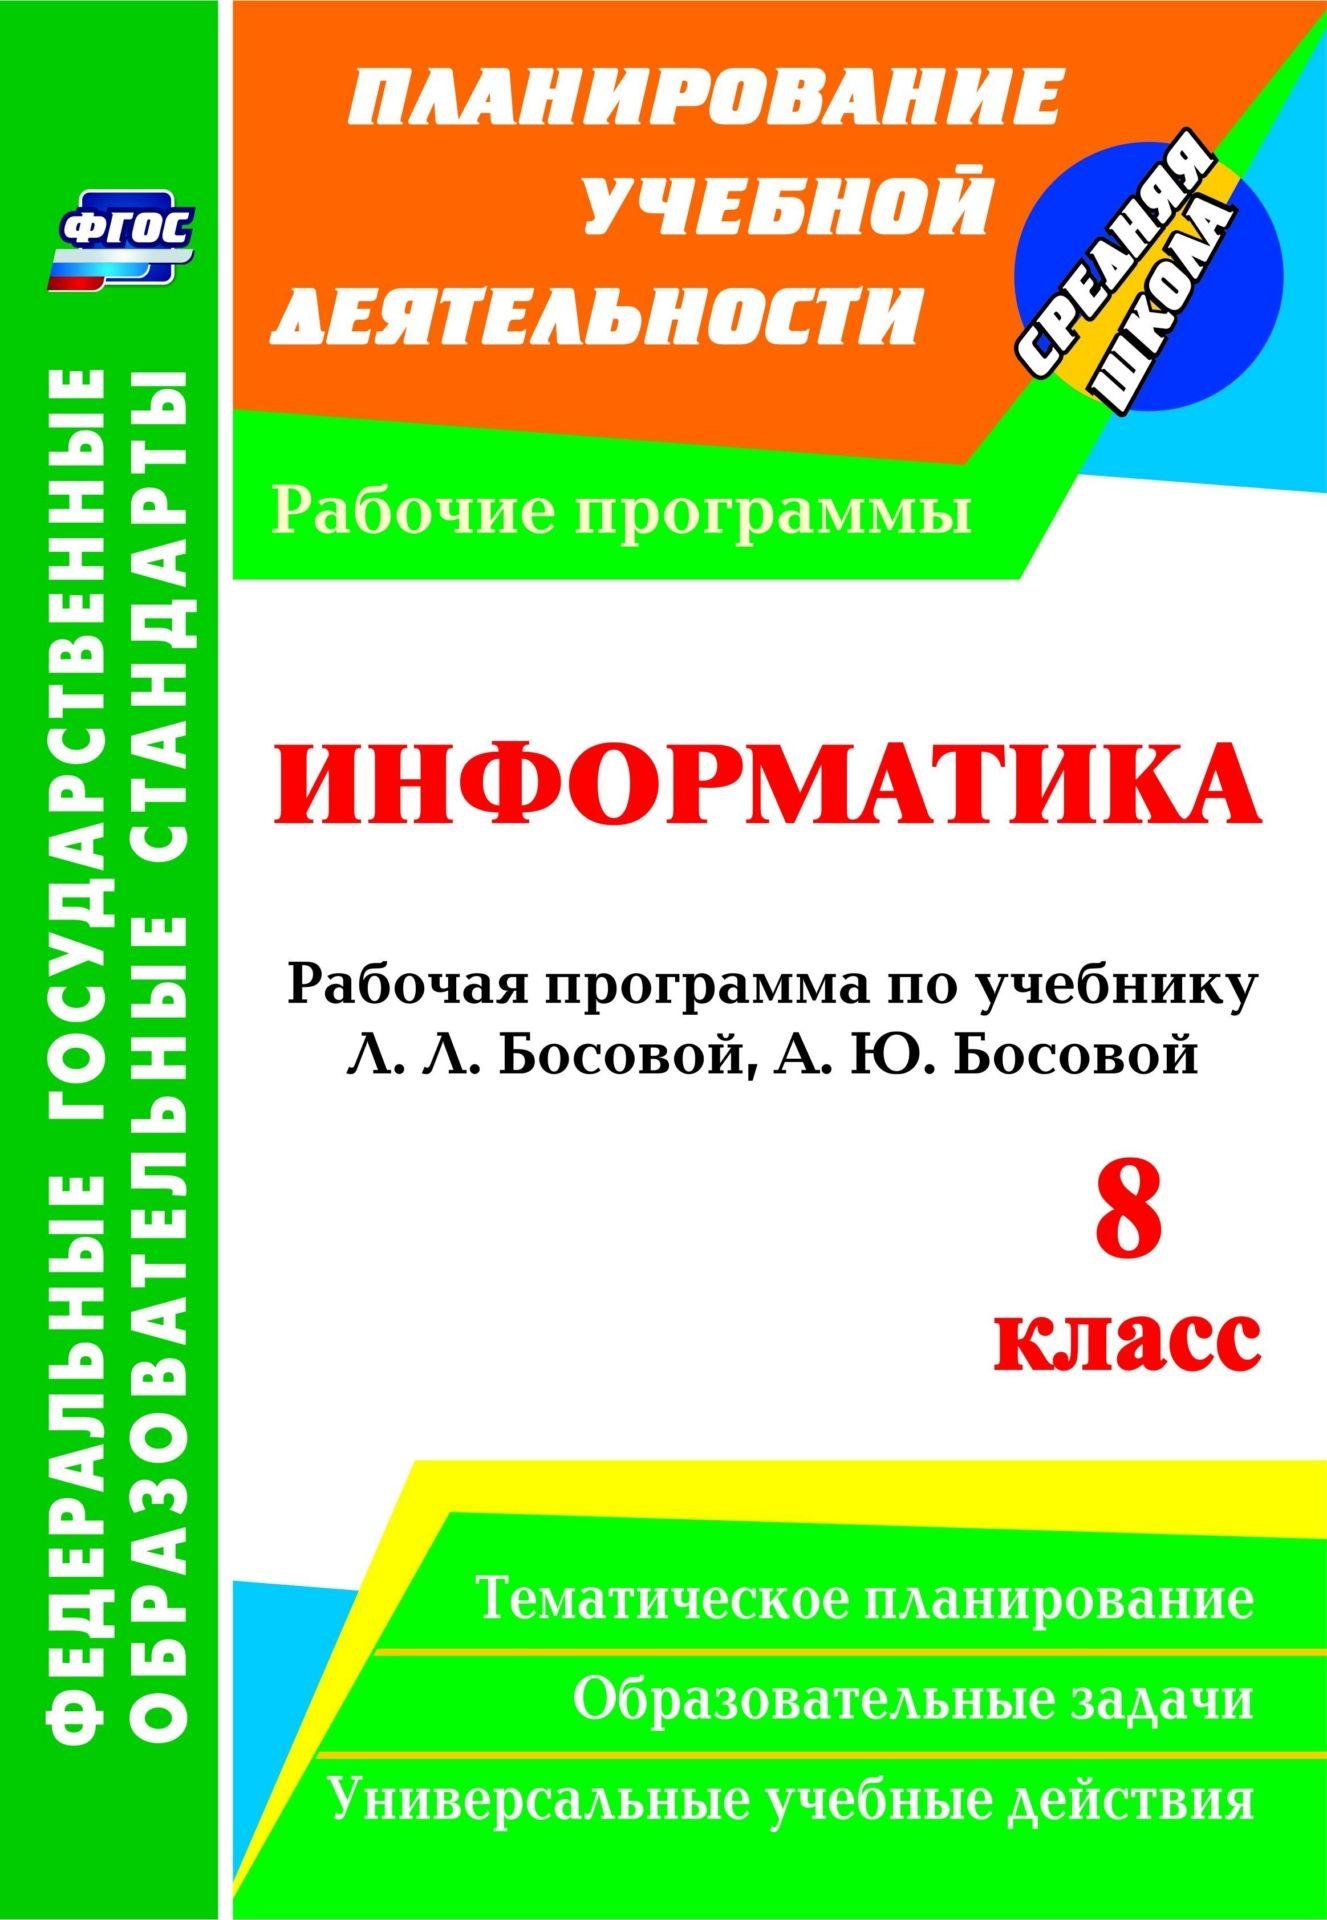 Информатика. 8 класс. Рабочая программа по учебнику Л. Л. Босовой, А. Ю. Босовой. Программа для установки через Интернет